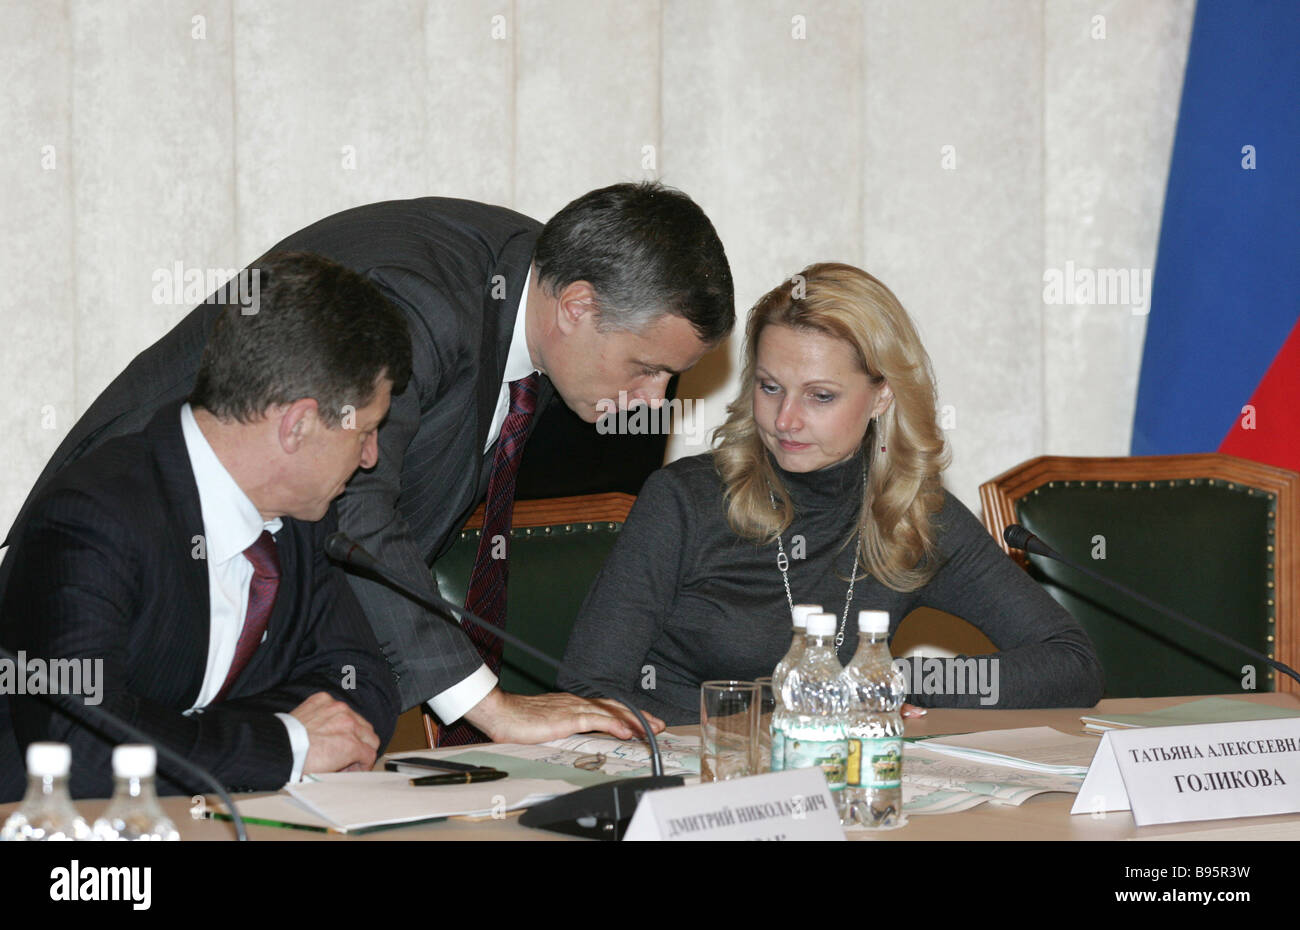 January 23 2008 Minister of Regional Development Dmitry Kozak Presidential Assistant Alexander Abramov and Minister - Stock Image